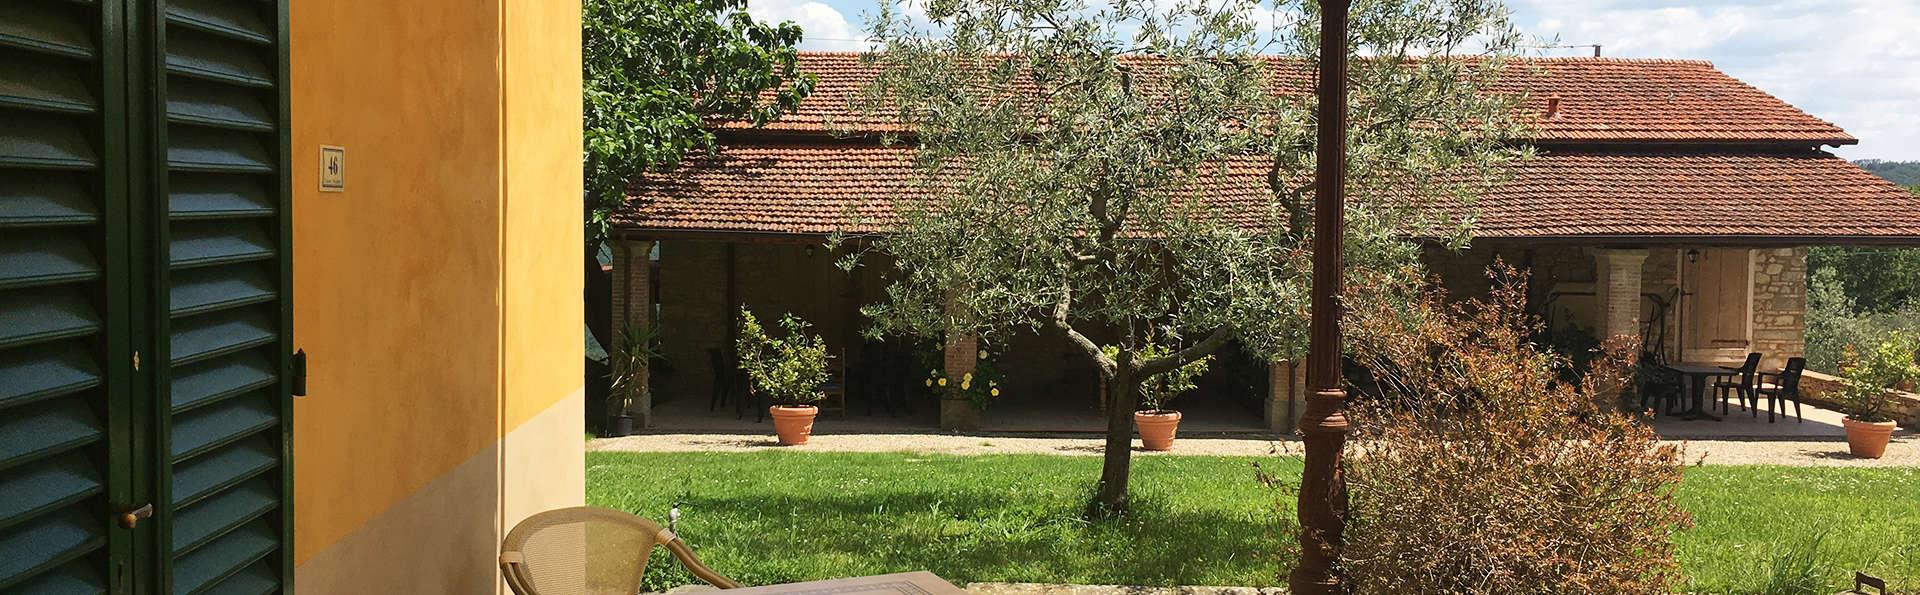 Escapade dans une ville pittoresque en Toscane (chambre seule)